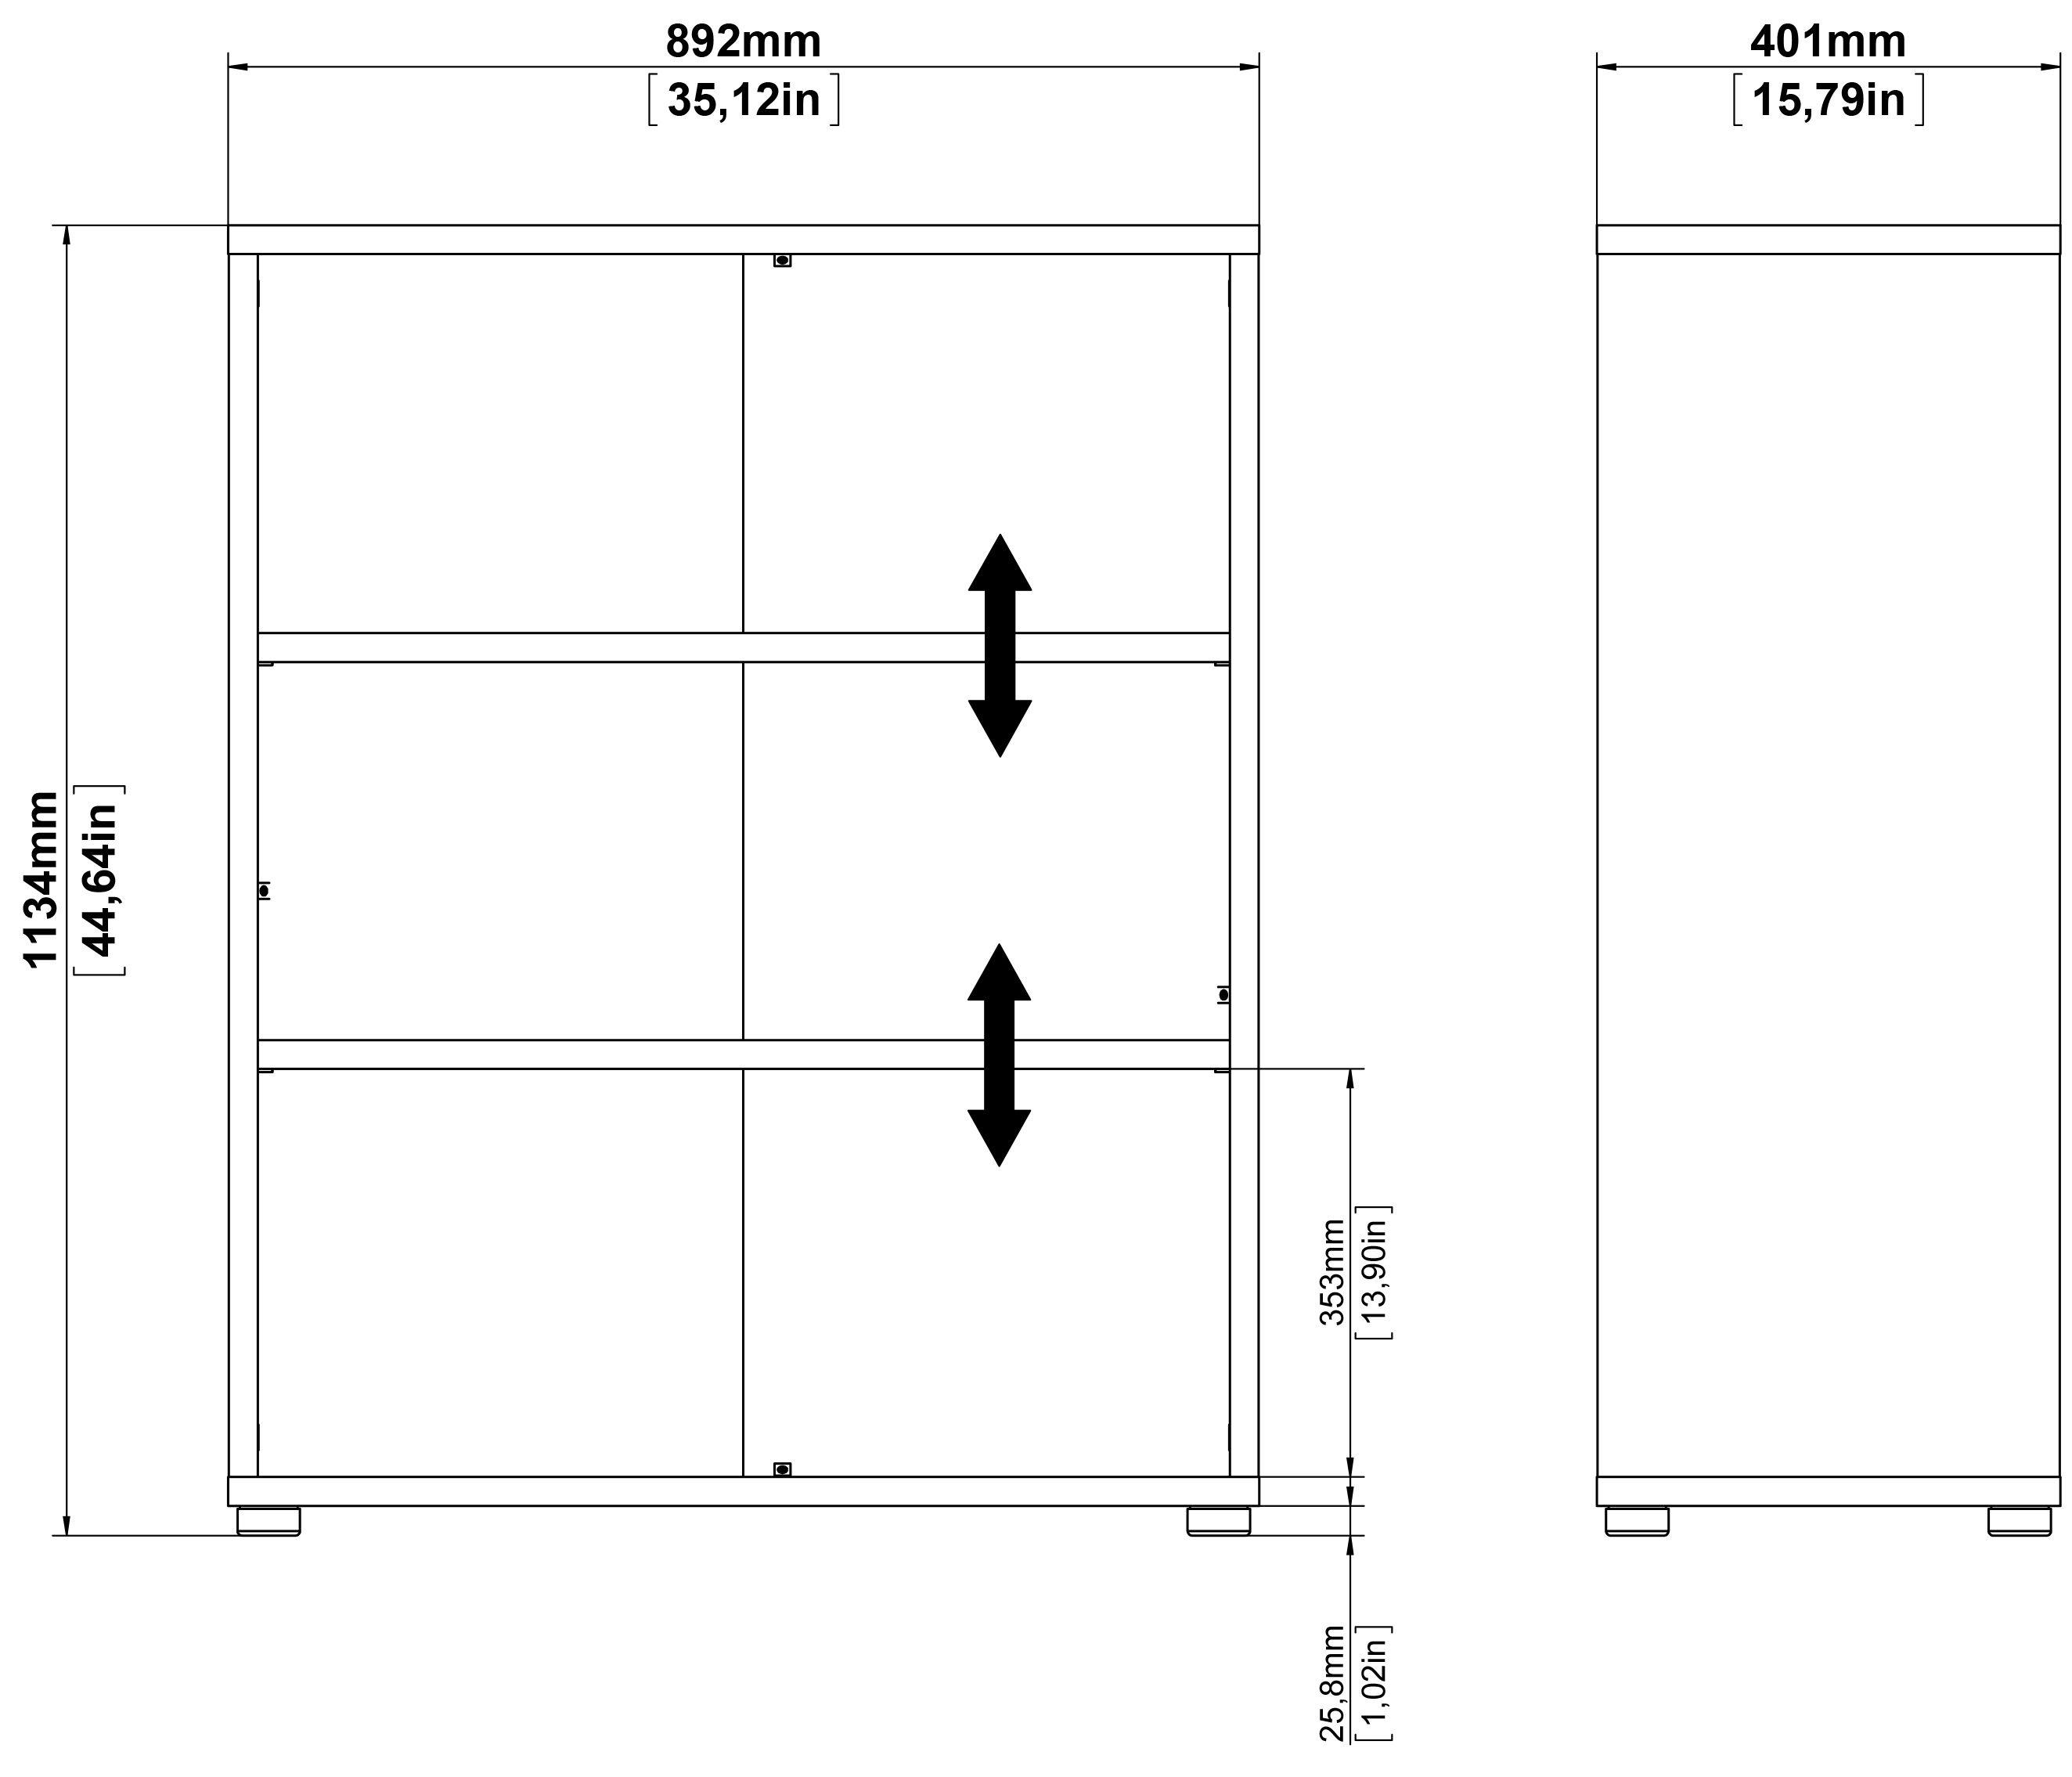 Prima Bogreol - Hvid m/2 hylder - Bogreol i hvid med 2 hylder